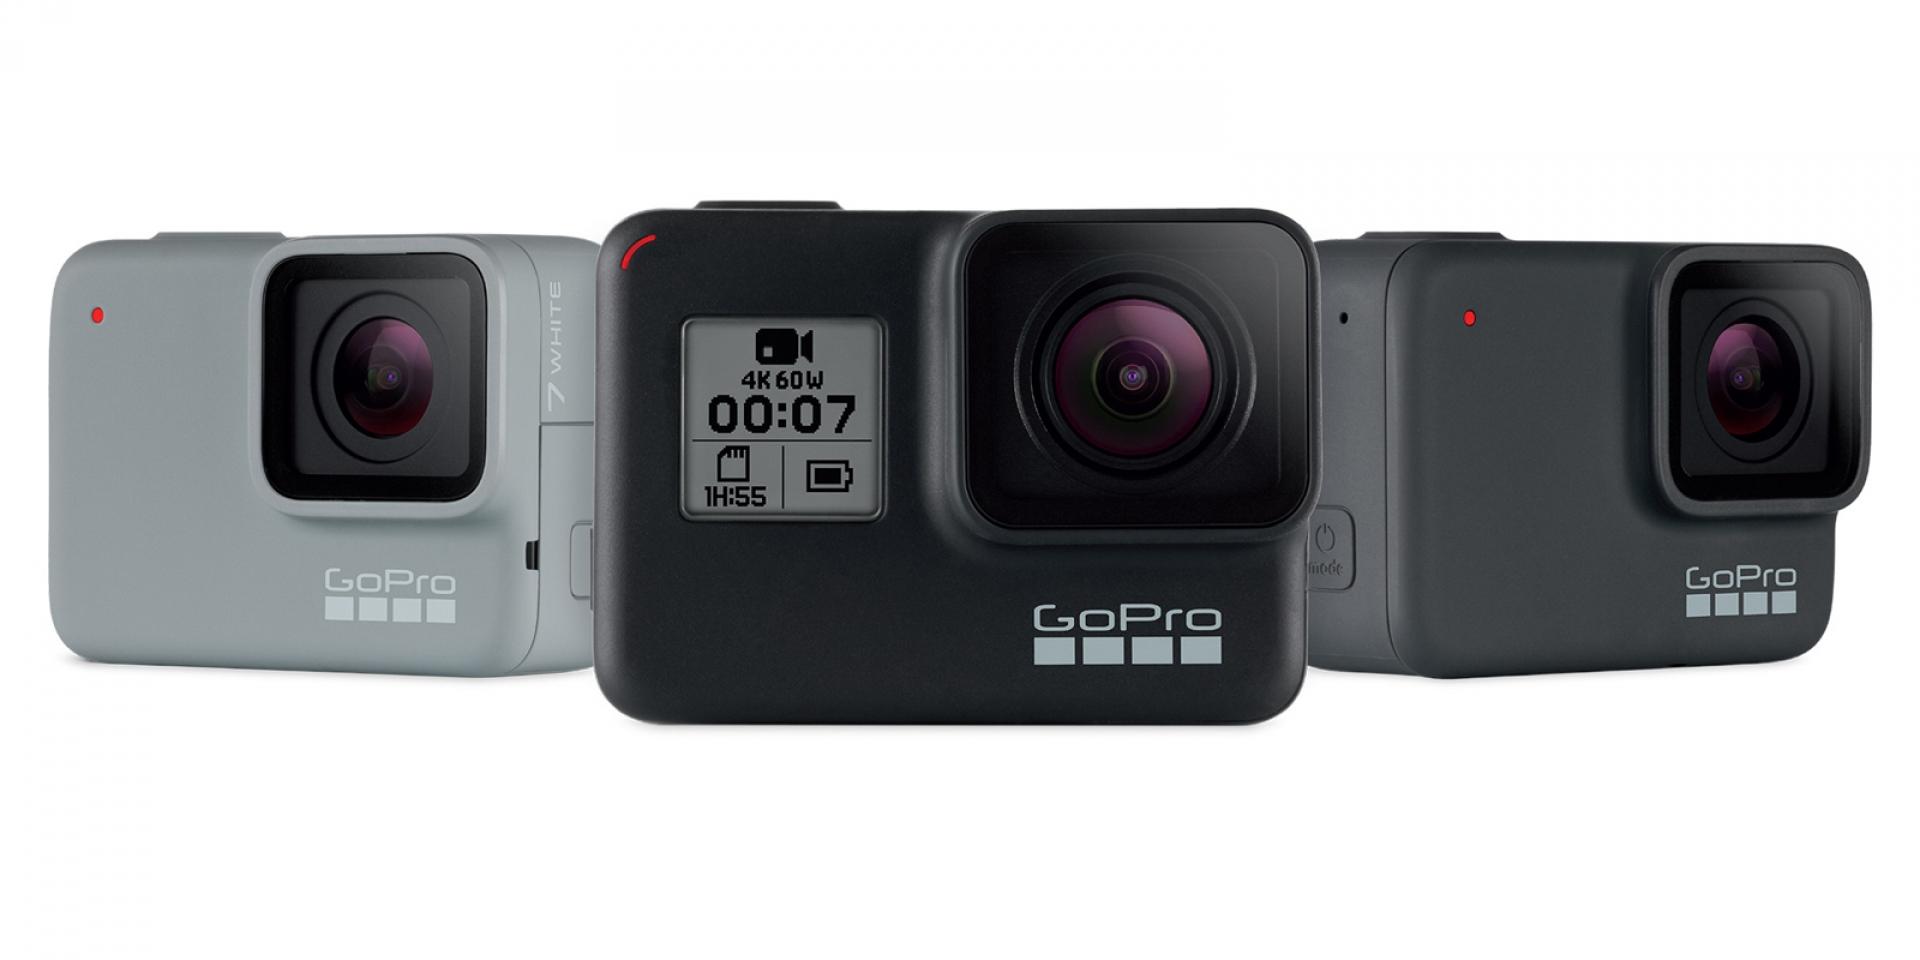 橫空出世的運動攝影新英雄!GoPro Hero 7 系列即刻登場